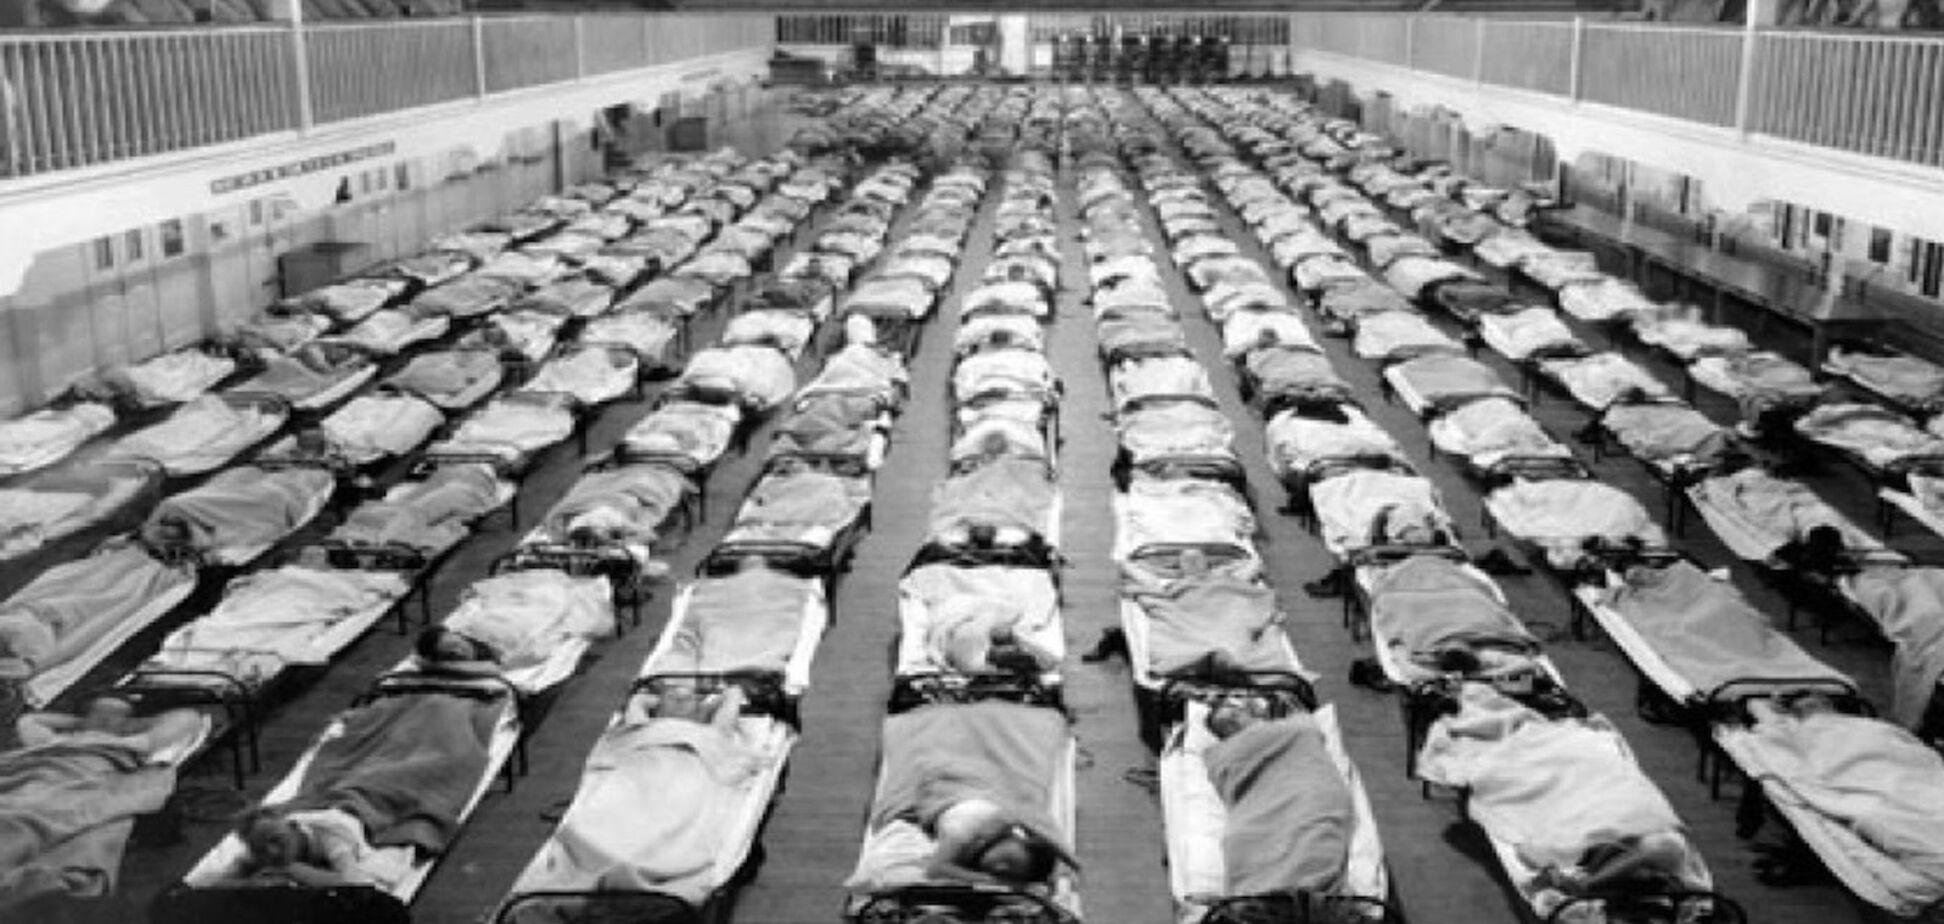 Пандемия испанки и коронавируса: историк назвал позитивные сходства борьбы с вирусом